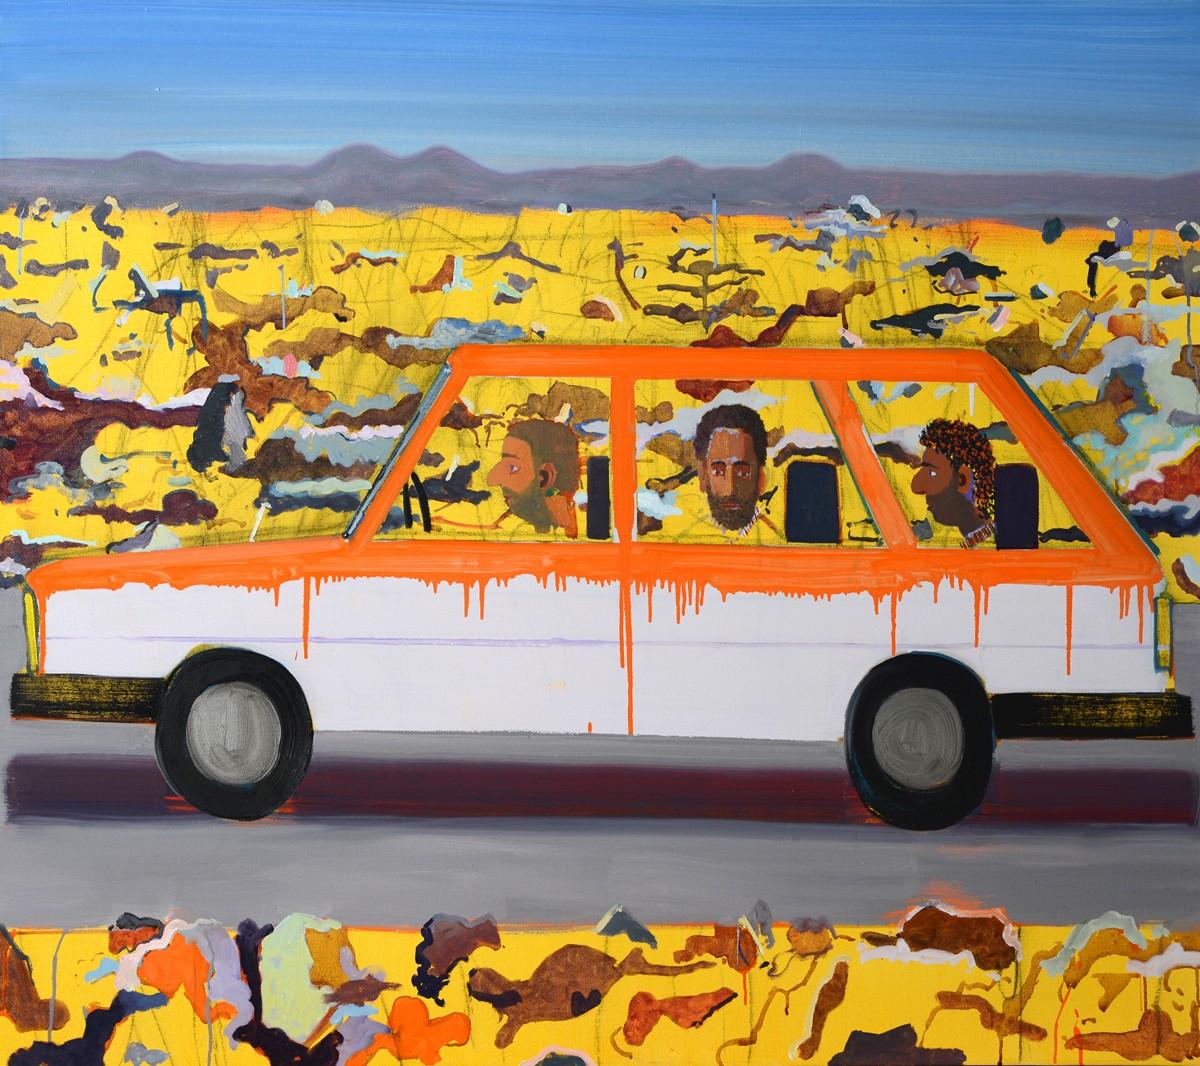 Alon Kedem, Hamudi Tours, 2018, Oil on canvas, 110x130 cm, $7,500